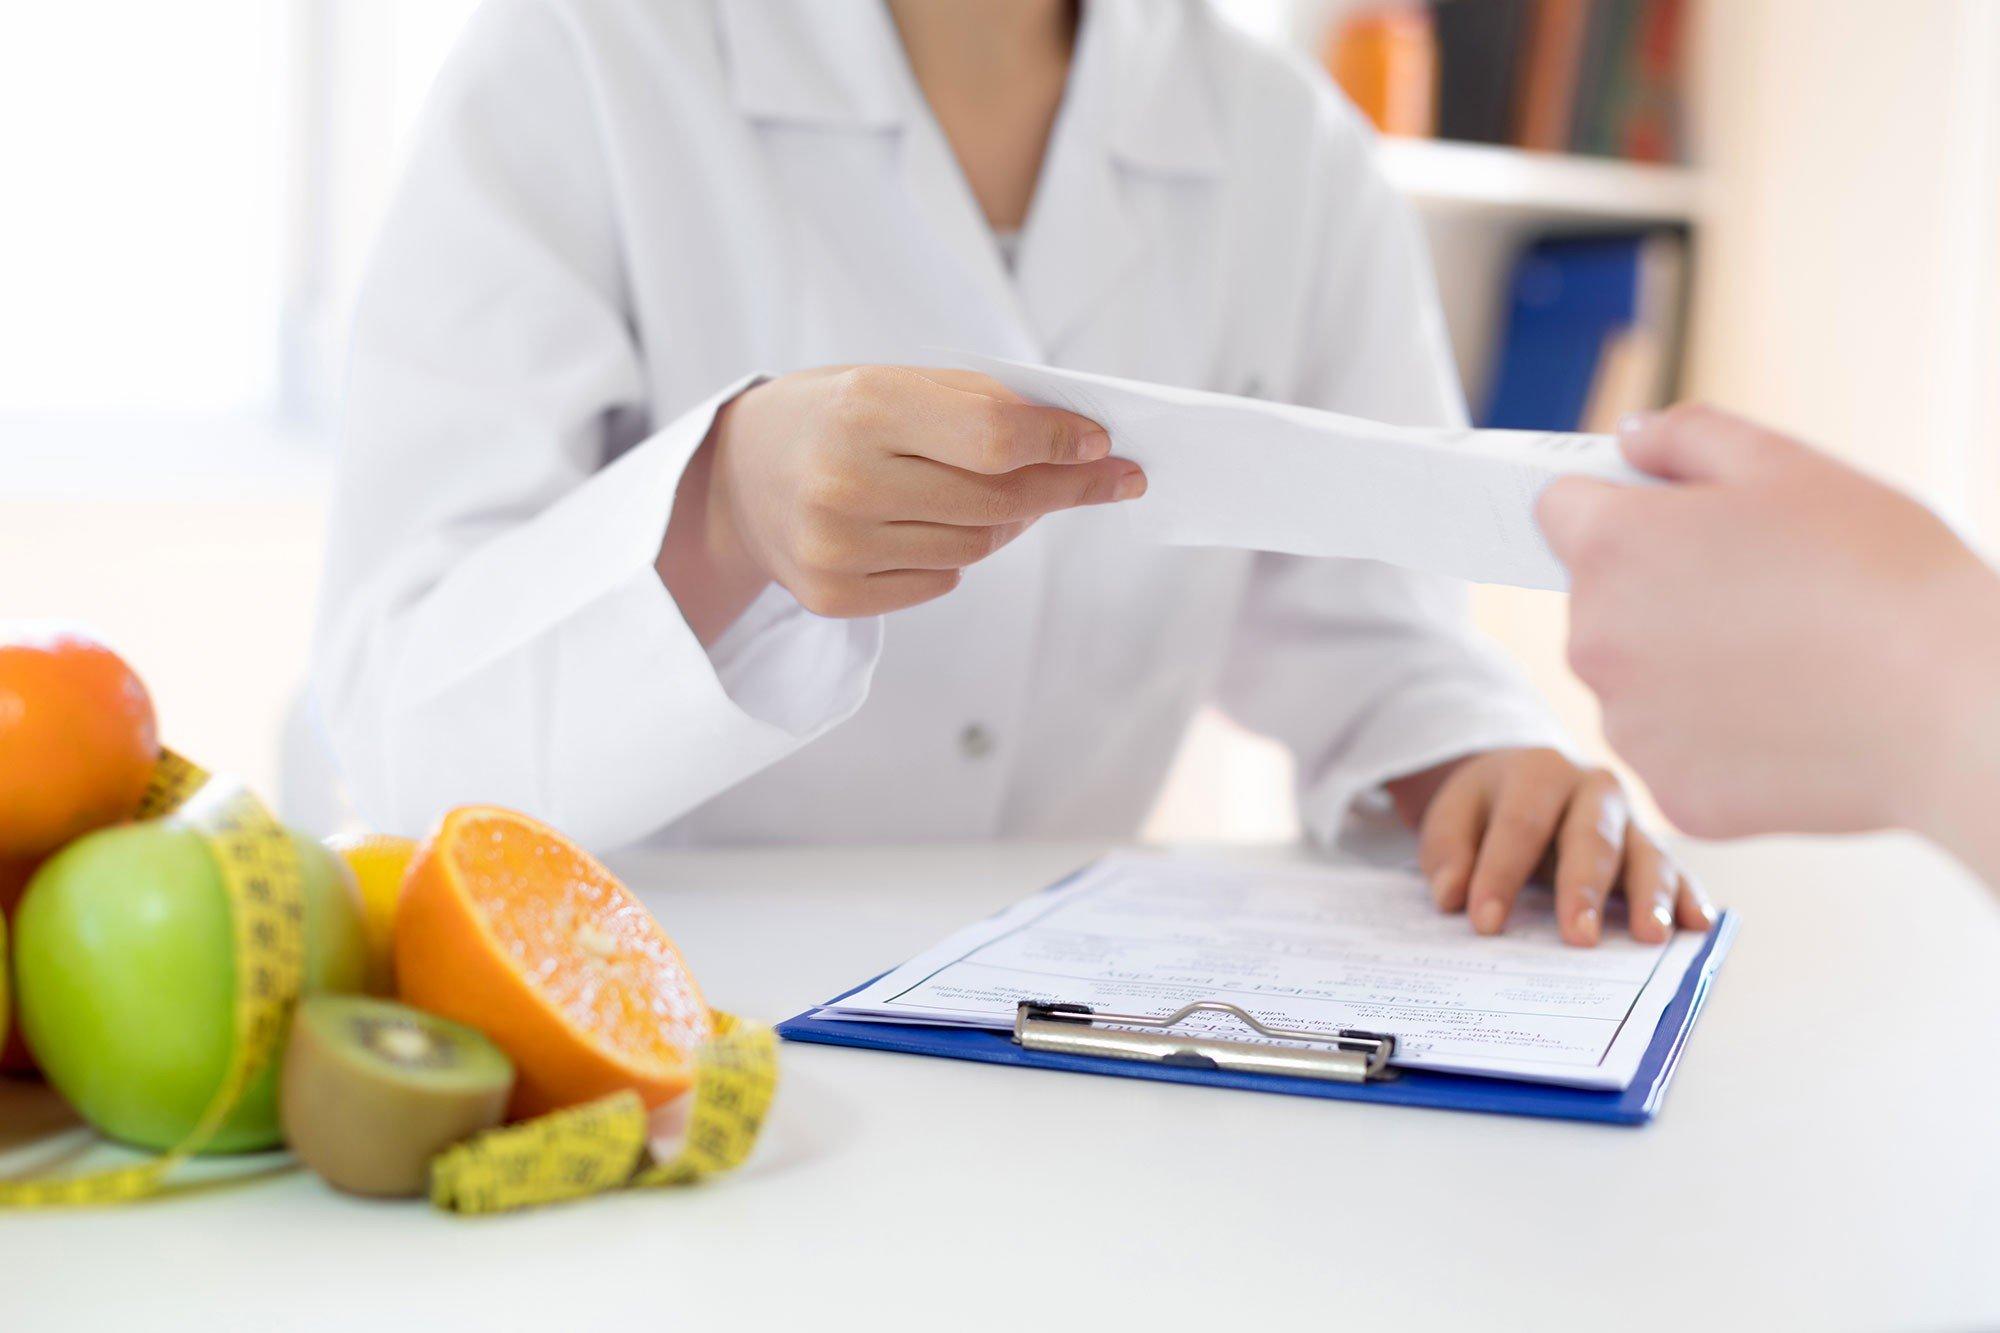 L'importanza dei controlli nutrizionali post-bariatrica